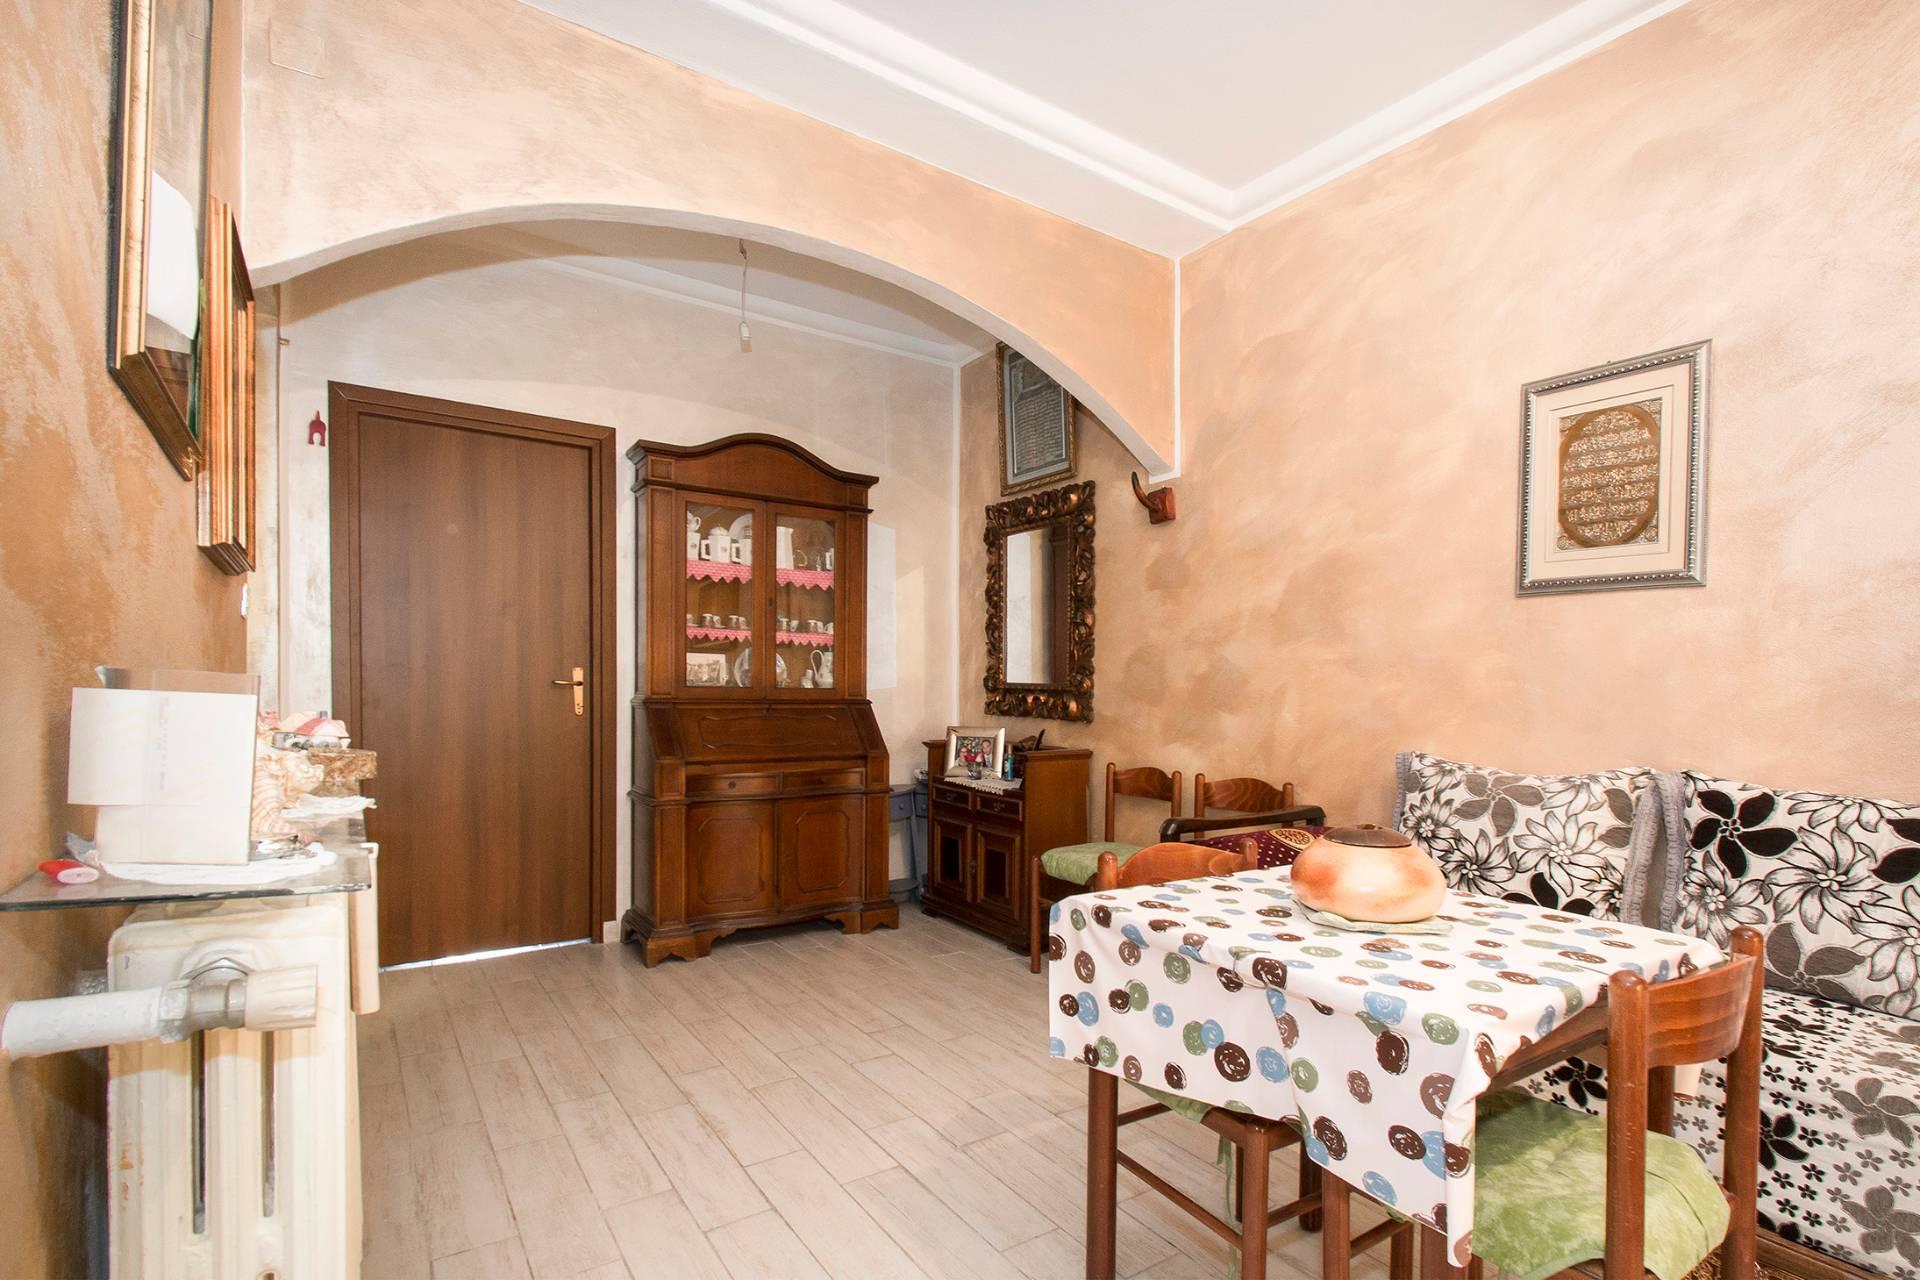 Bilocale Torino Via Chisola, To 9